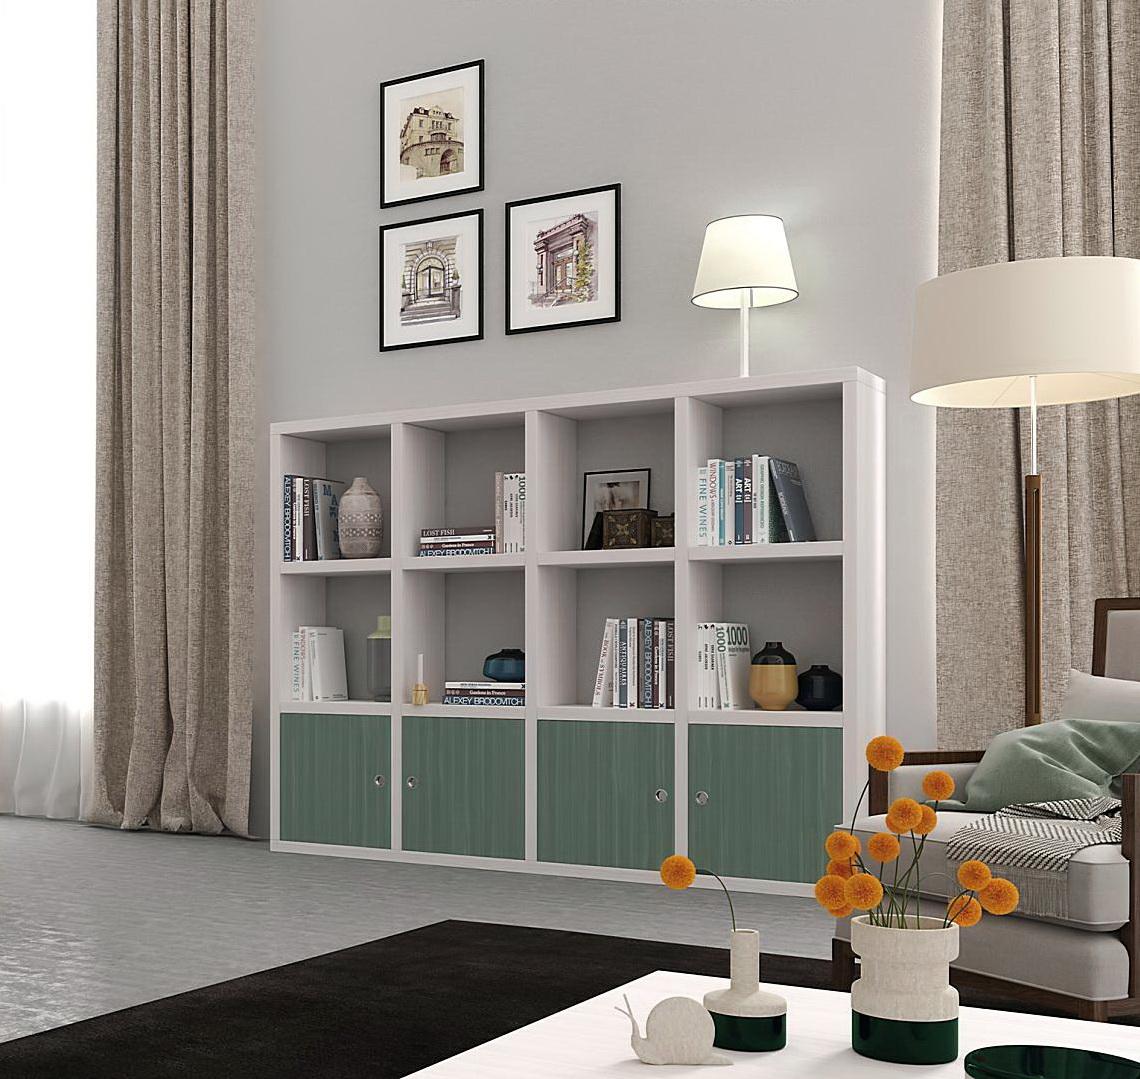 Mueble Librero Moderno en madera md. VINTAGE Ambiente_01 by Ecopin en muebles antoñán® León